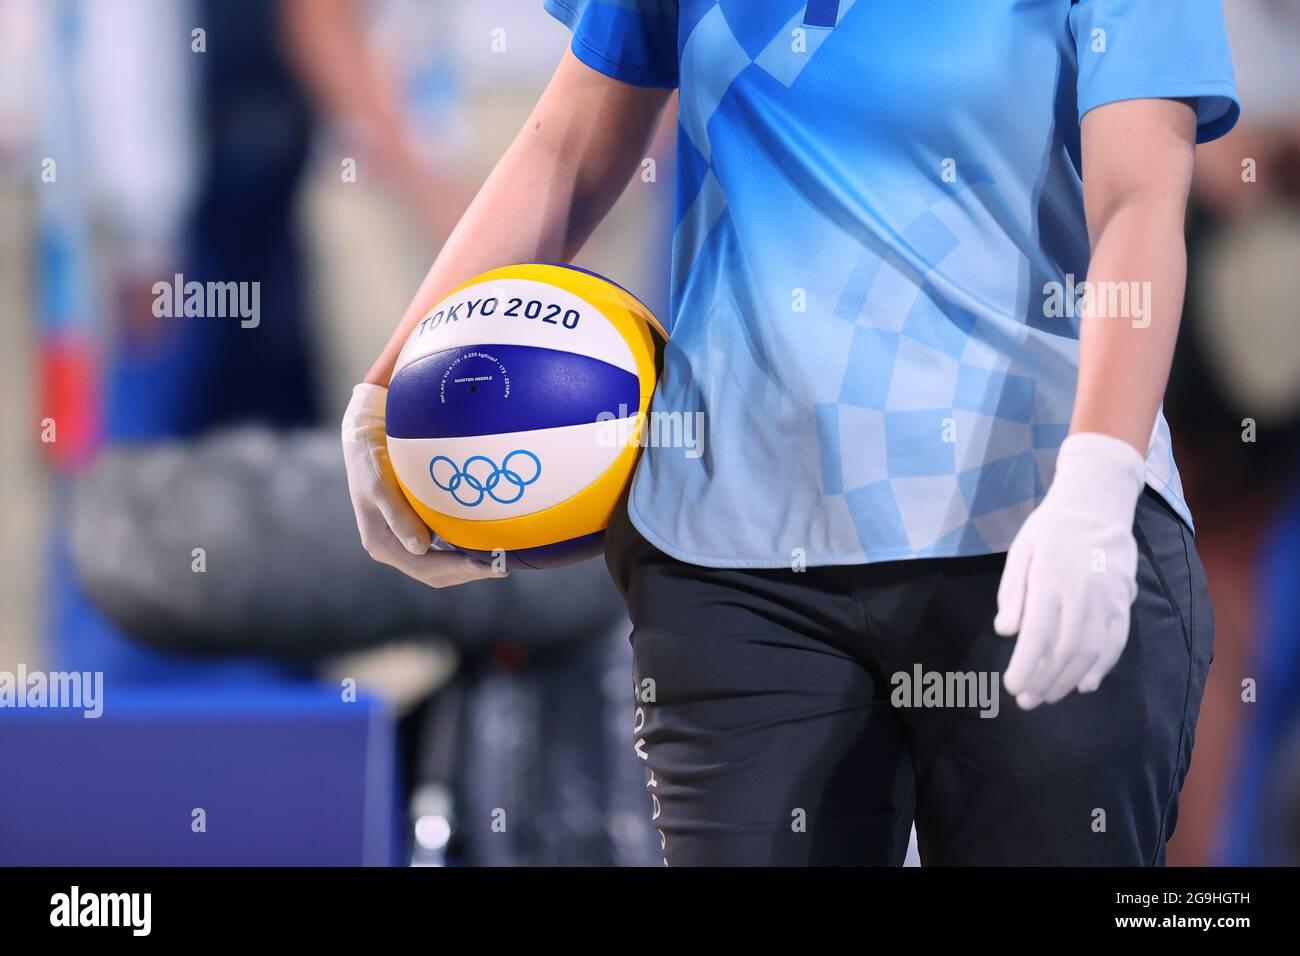 Tokio, Japan. Juli 2021. Allgemeine Ansicht Beach Volleyball: Frauen-Vorbereitende während der Olympischen Spiele in Tokio 2020 im Shiokaze Park in Tokio, Japan. Quelle: Naoki Morita/AFLO SPORT/Alamy Live News Stockfoto